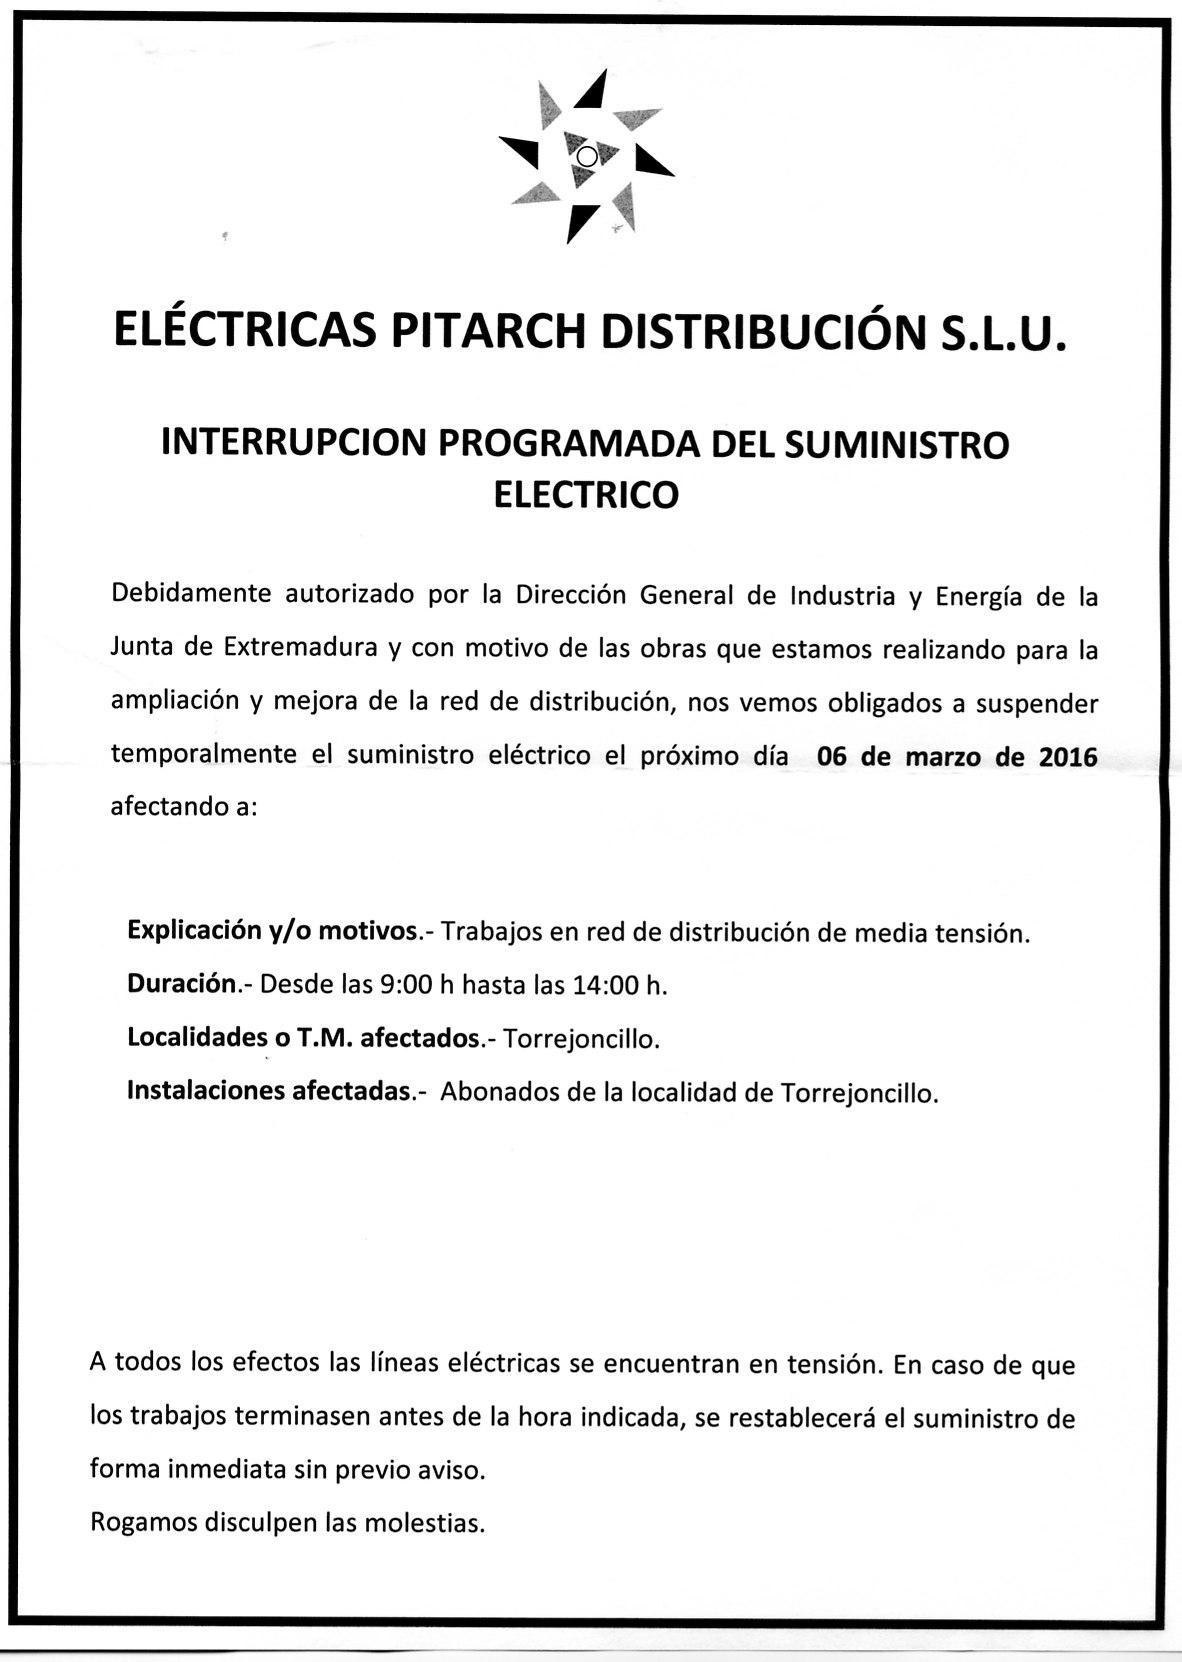 Interrupción programa de suministro eléctricas Pitarch